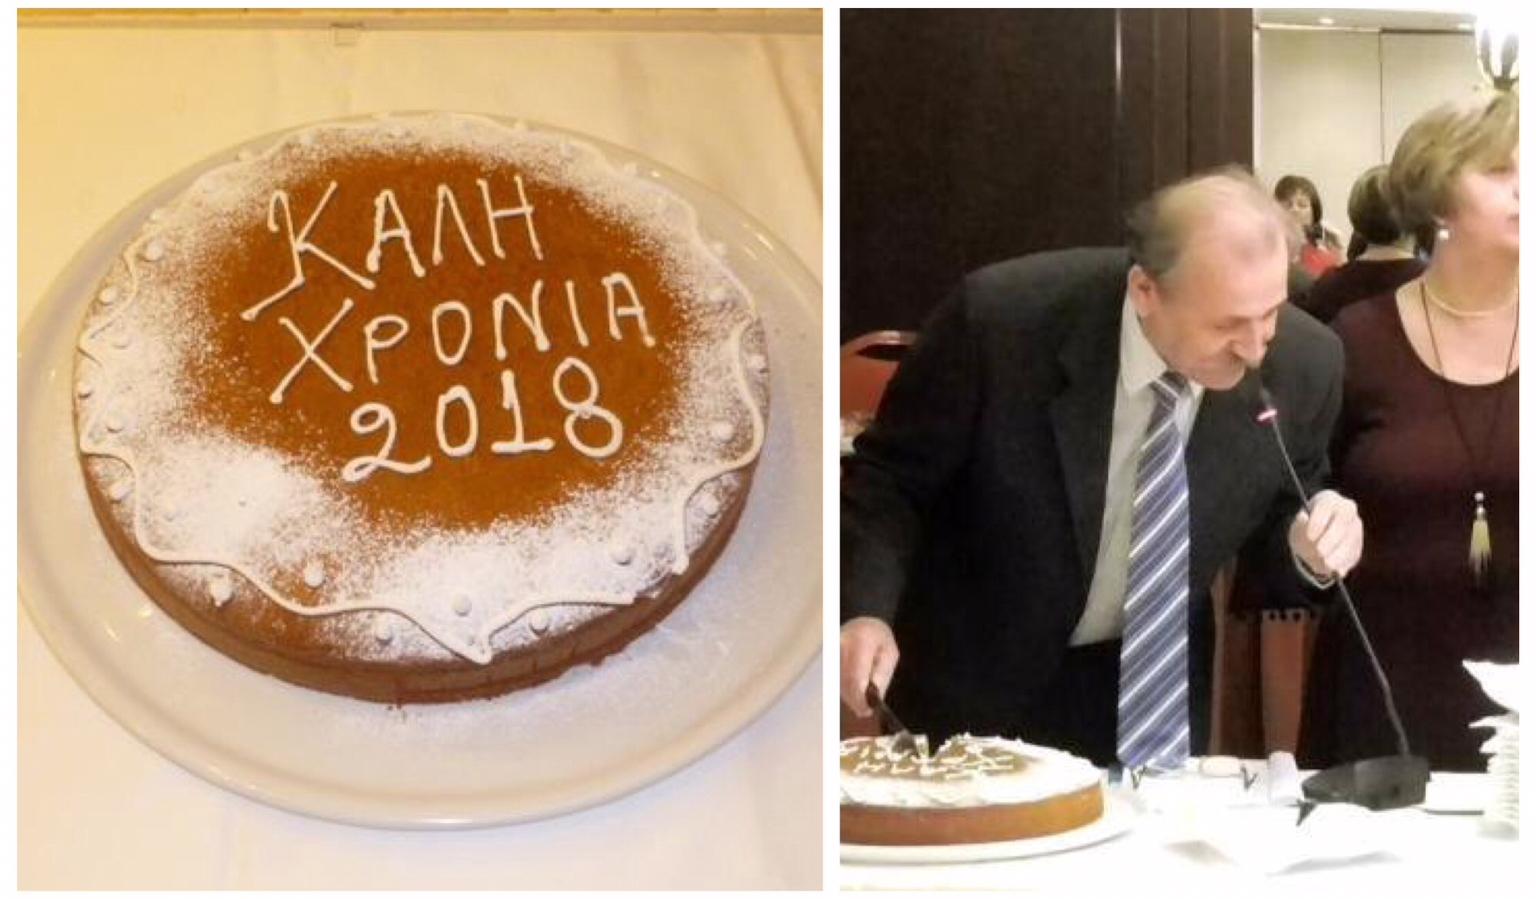 d8efa2a5af Την Κυριακή 21 Ιανουαρίου 2018 το απόγευμα στο κεντρικό ξενοδοχείο ΤΙΤΑΝΙΑ  πραγματοποιήθηκε η εκδήλωση για την κοπή της καθιερωμένης πρωτοχρονιάτικης  πίτας ...